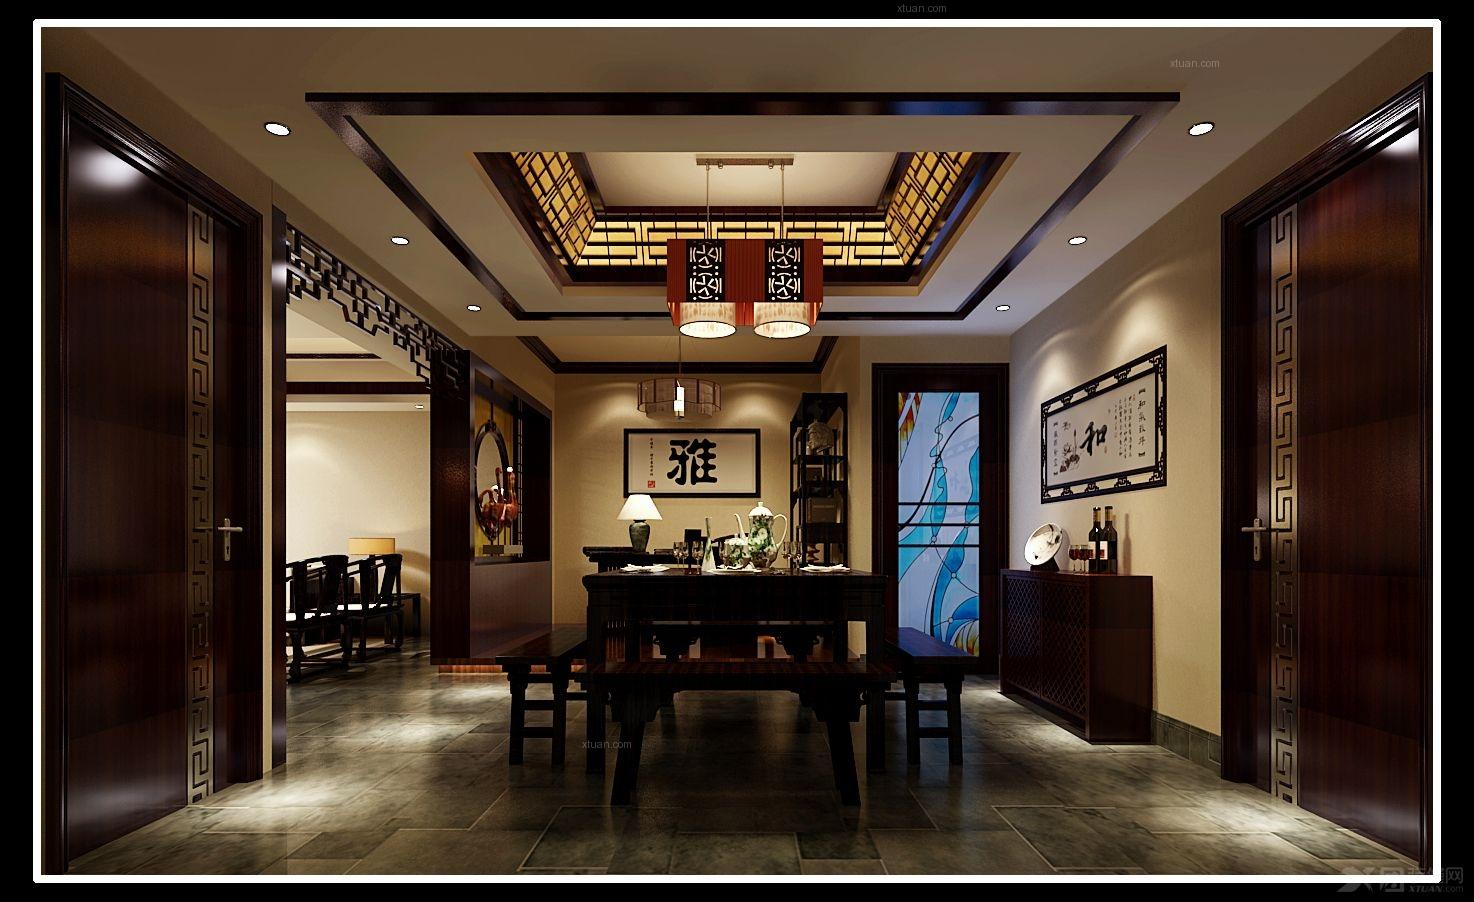 装修学堂 中式风格 中式风格餐厅设计效果图欣赏           传统的图片